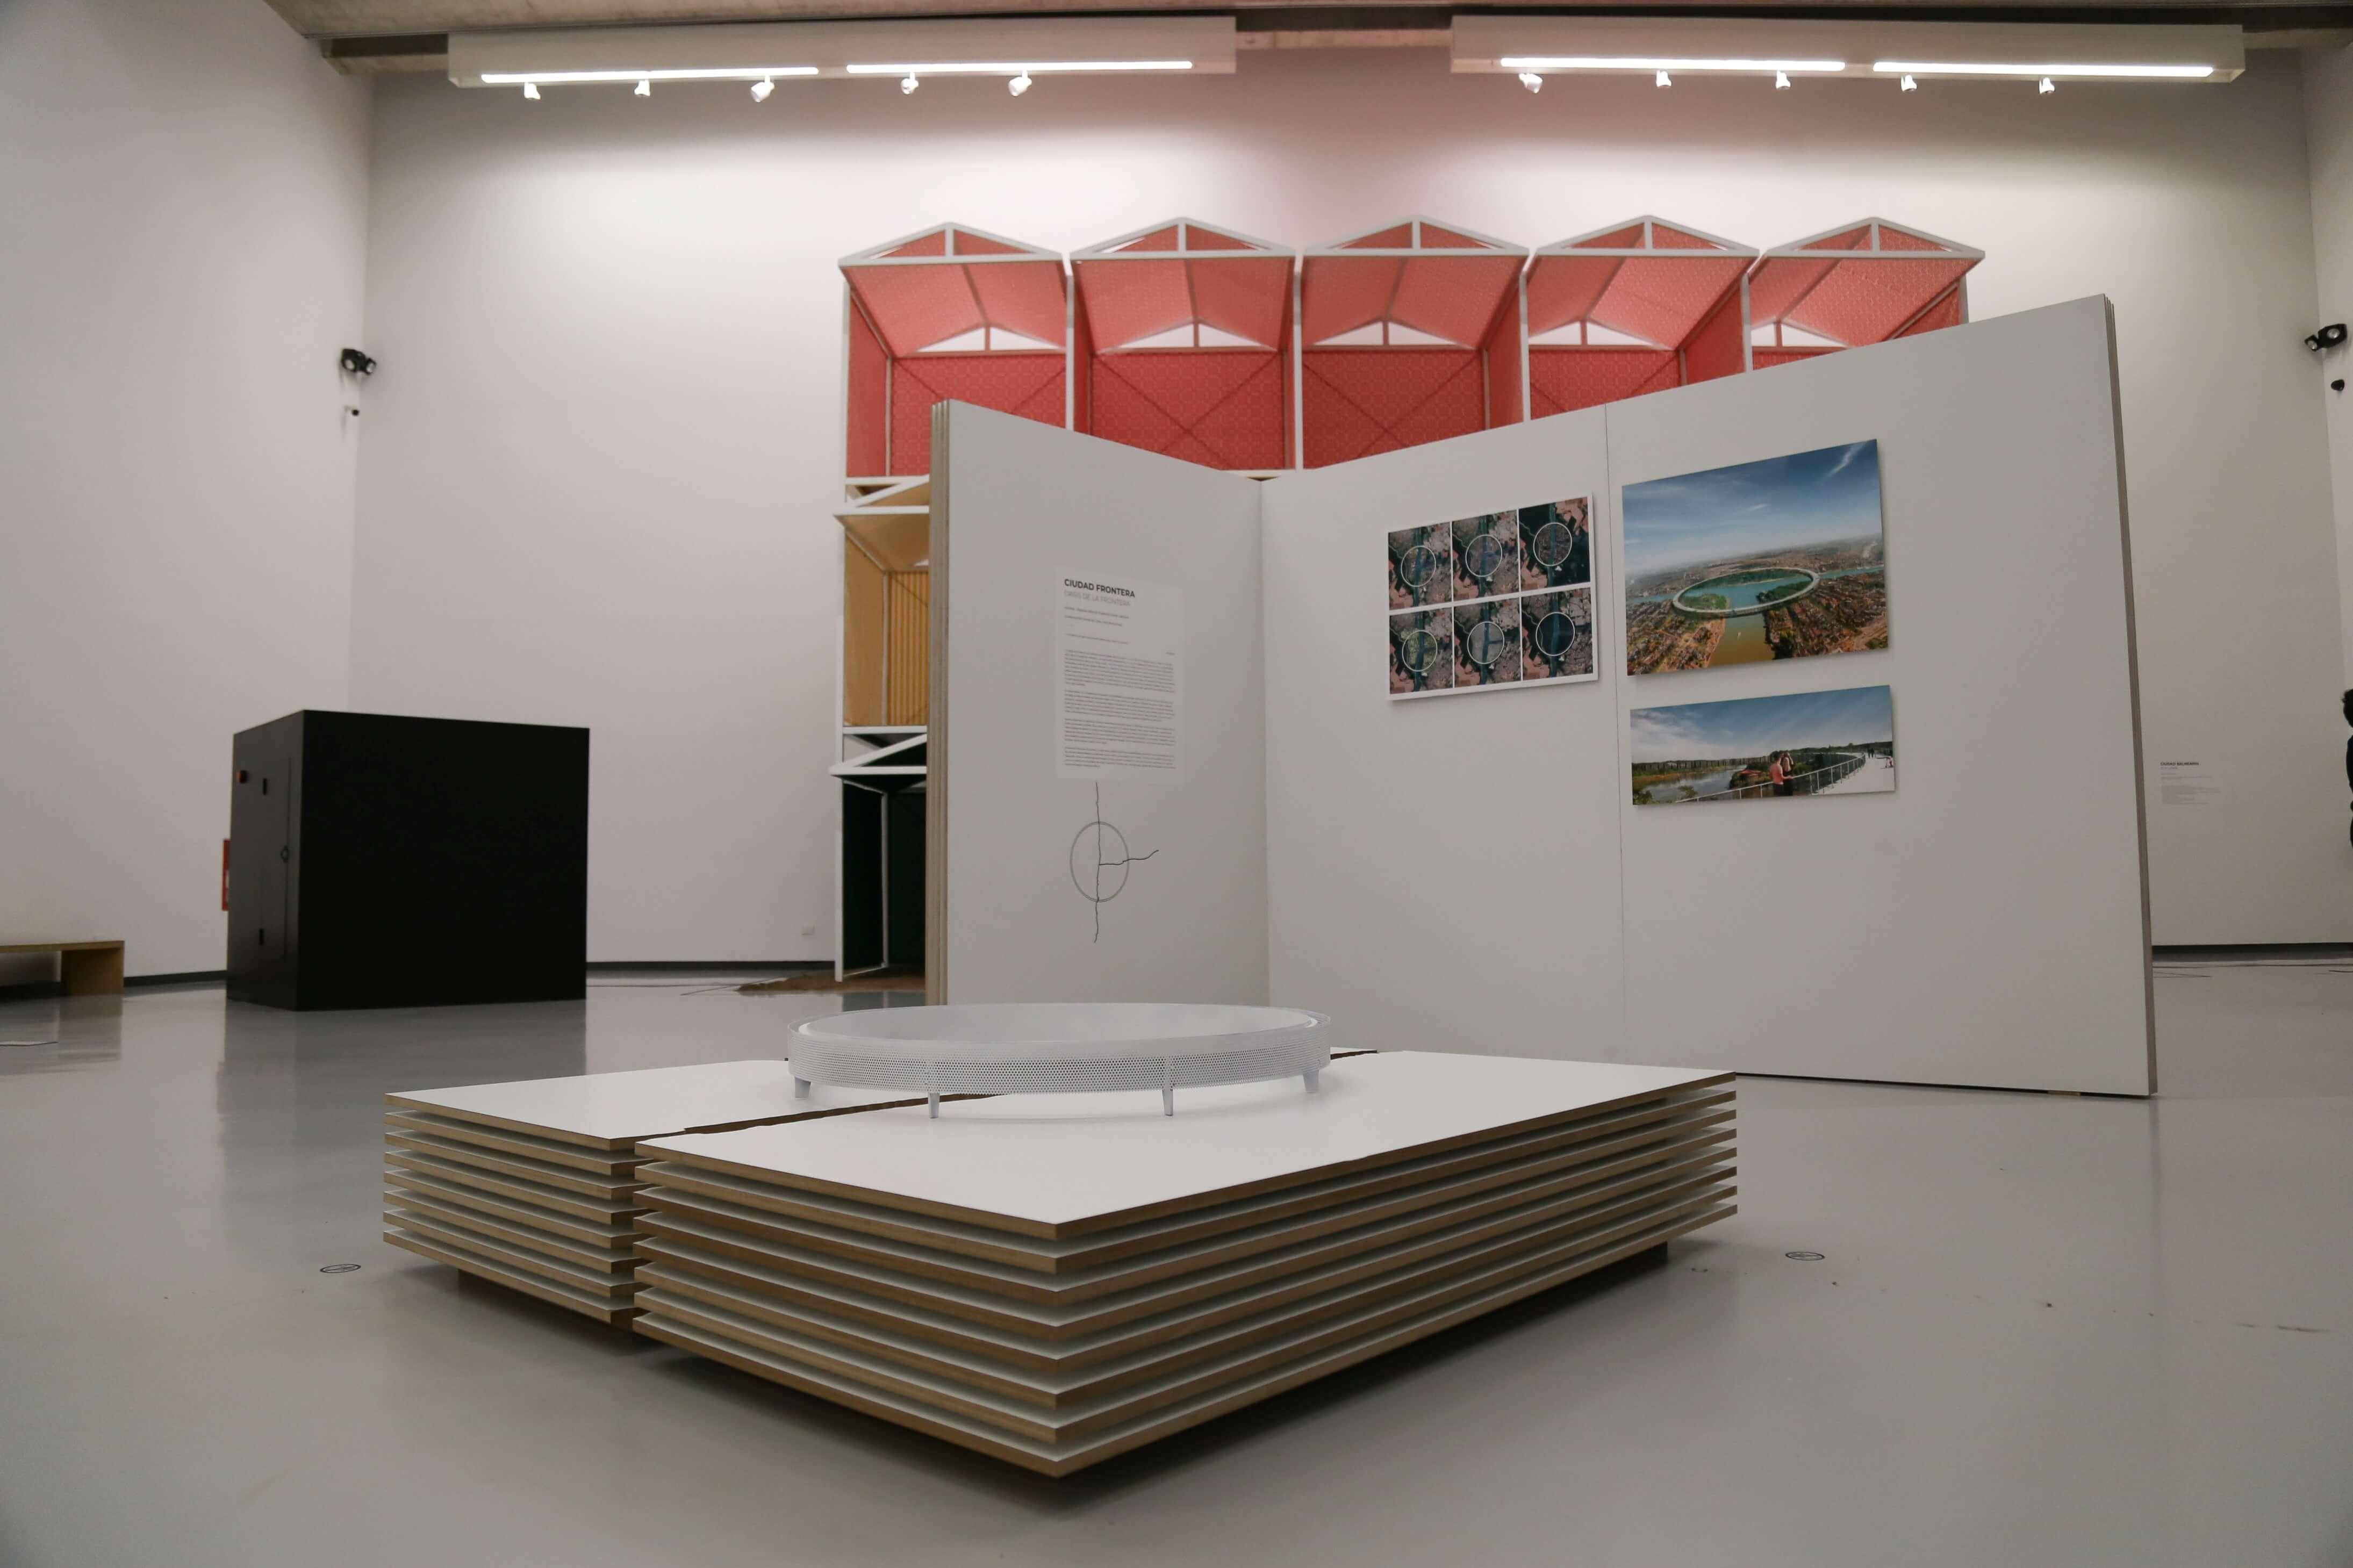 Proyecto Ciudad Frontera, del estudio Alarcia-Ferrer.